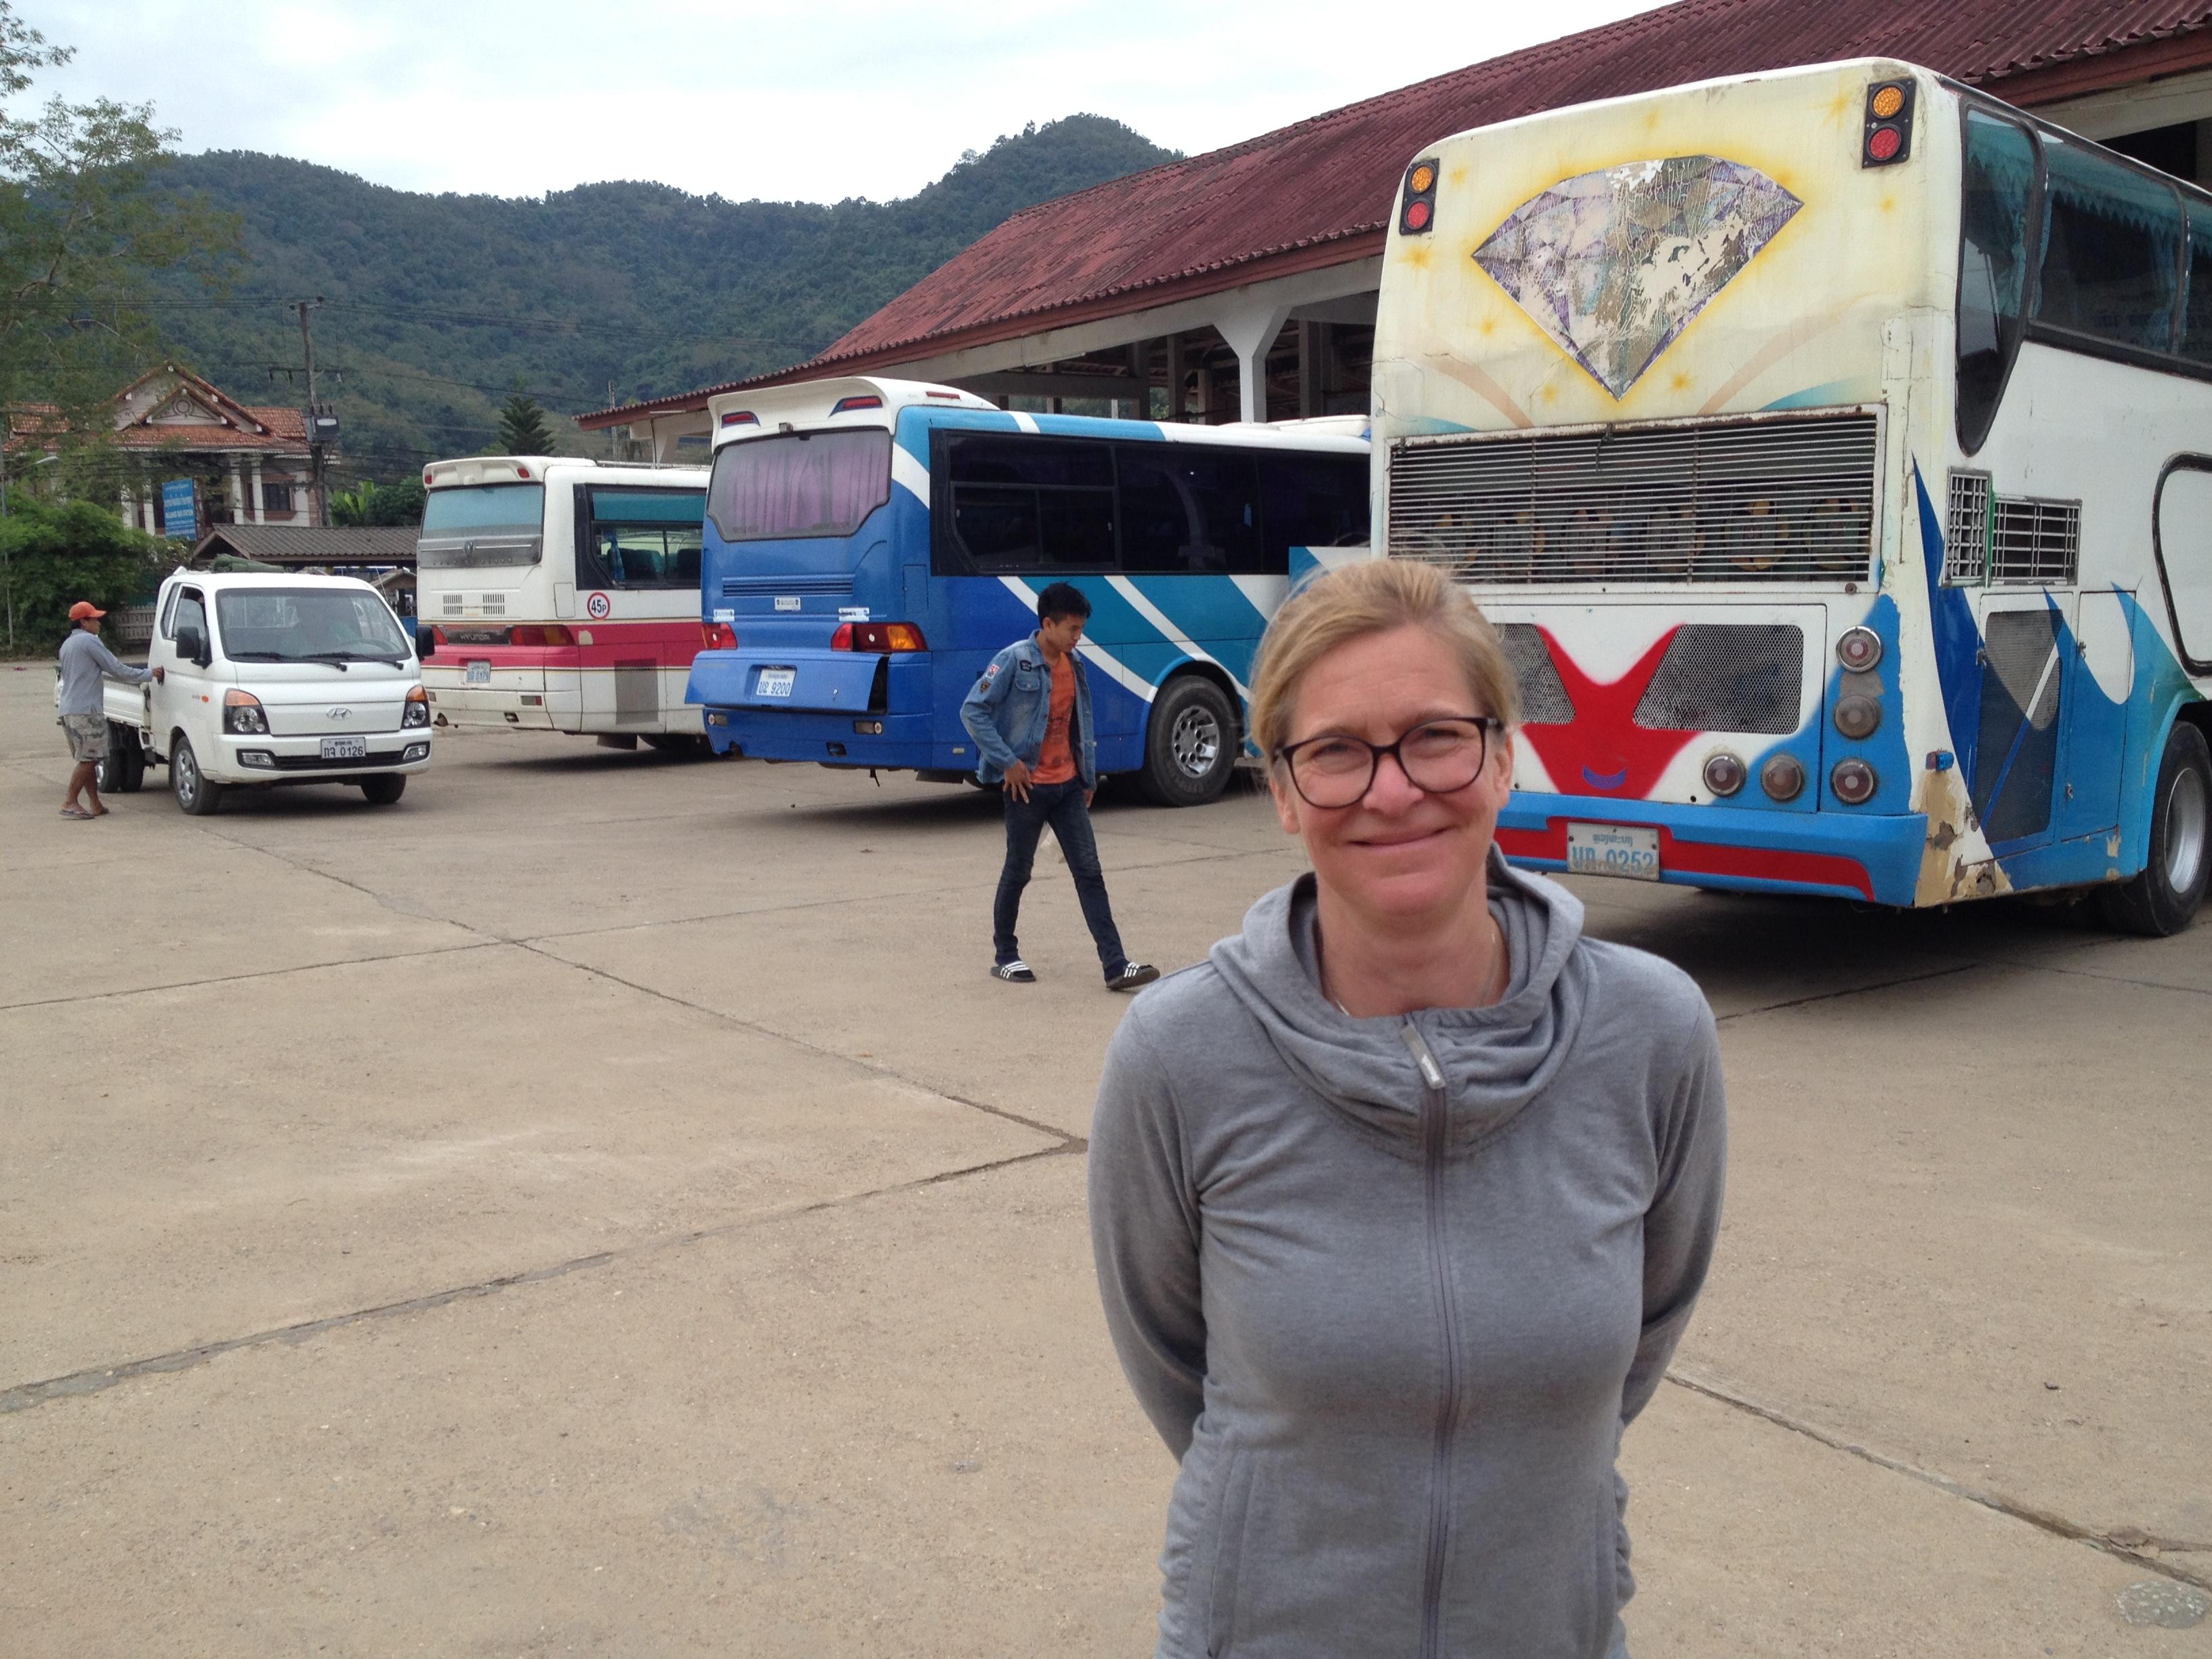 Der große Bus war deutlich bequemer als der Minibus am Tag vorher © 2017